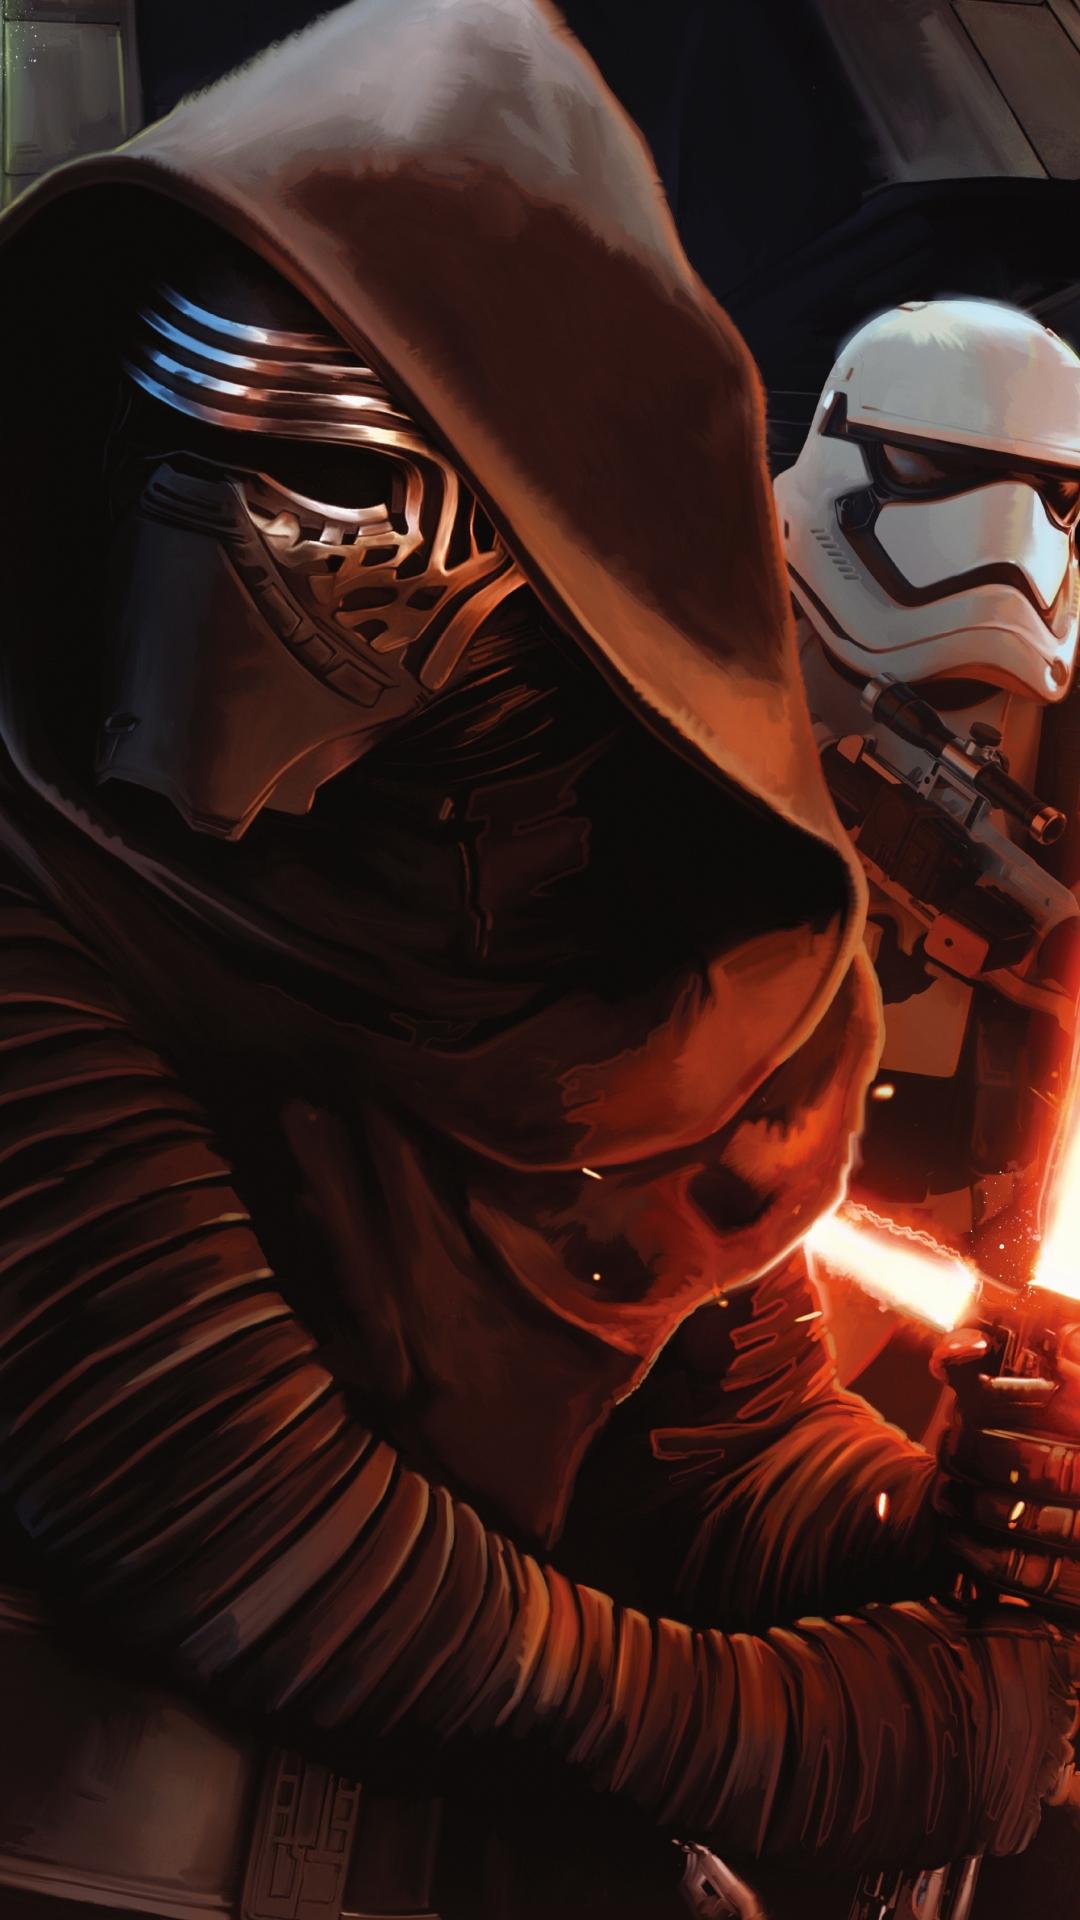 Free Download Download Wallpaper Starwars The Force Awakens Untuk